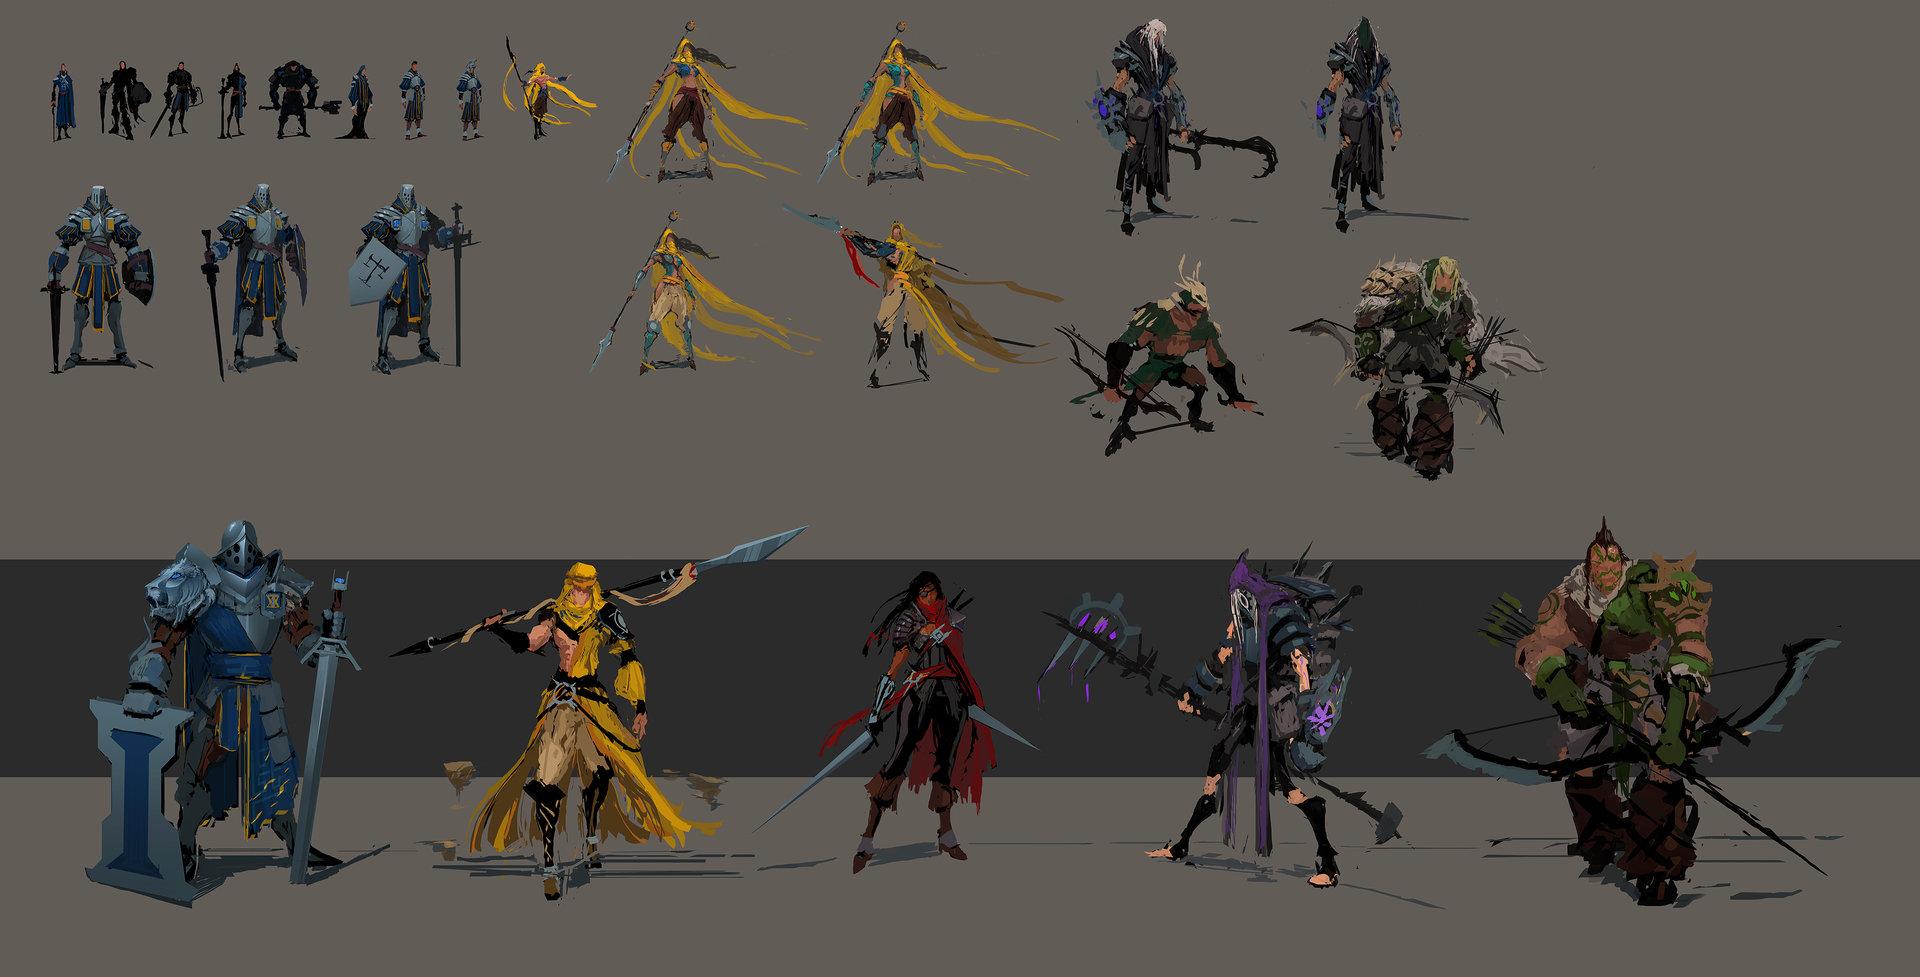 Концепт арт персонажей от muyoung kim iconic sketches